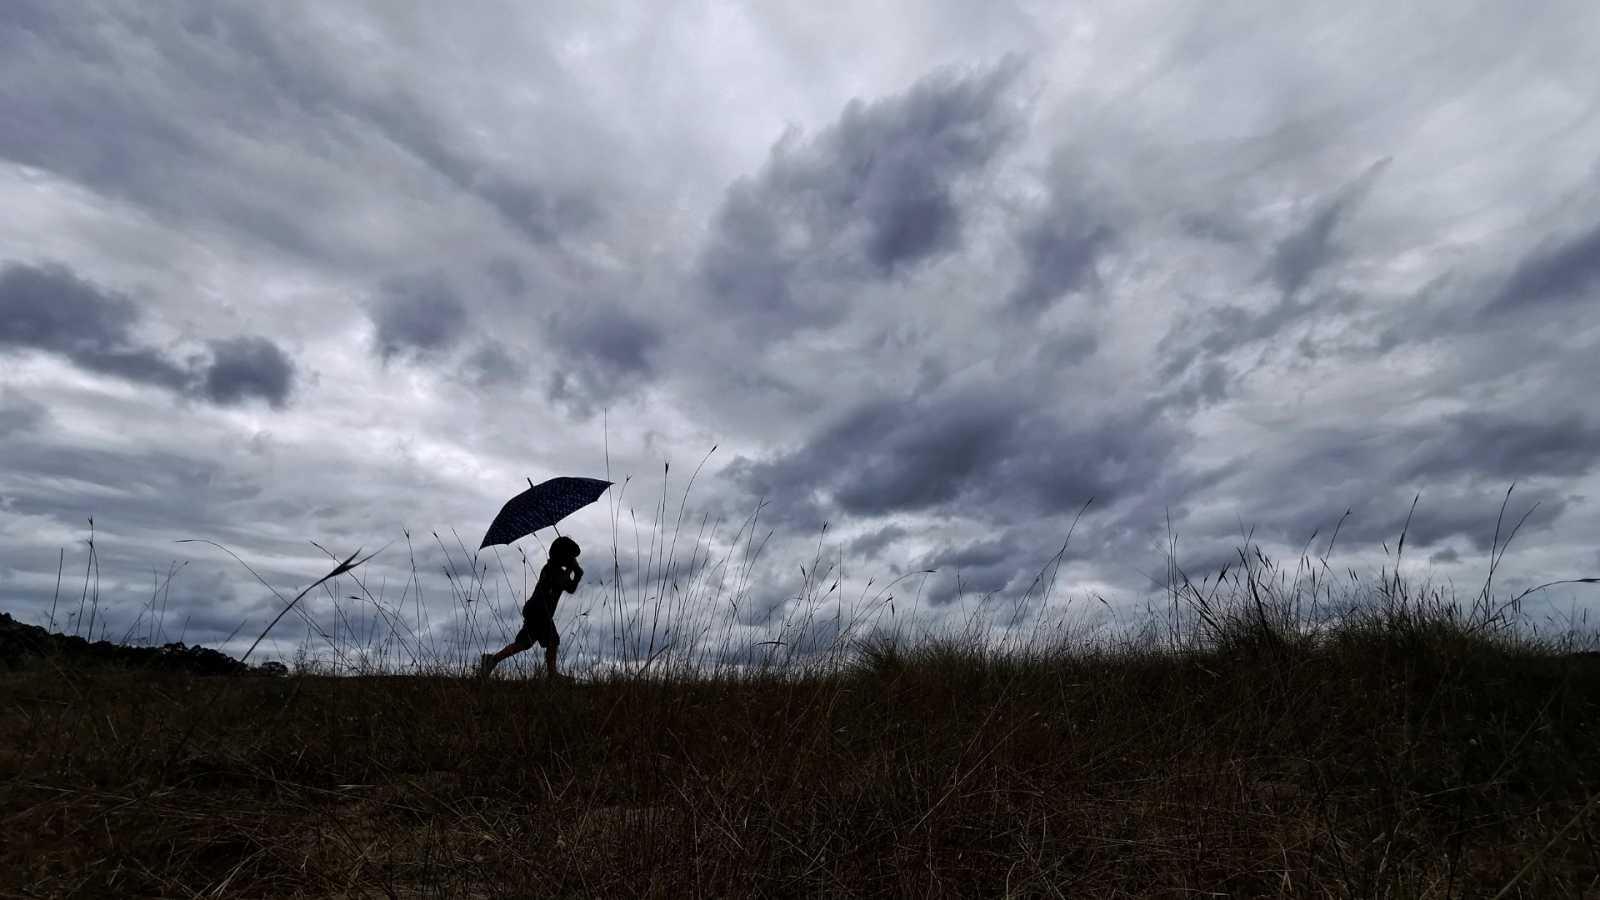 El verano se despide con una borrasca que dejará desde hoy lluvias muy abundantes hasta el lunes